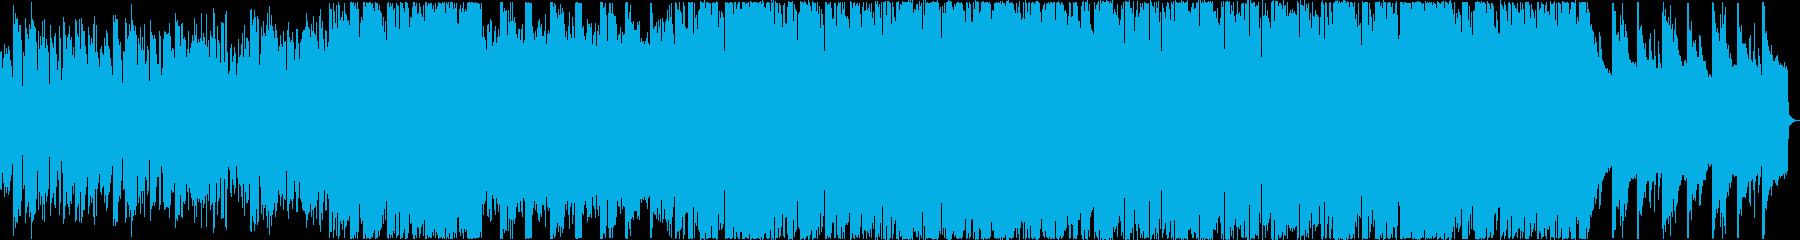 美しくノストラジックなフルート主体ワルツの再生済みの波形